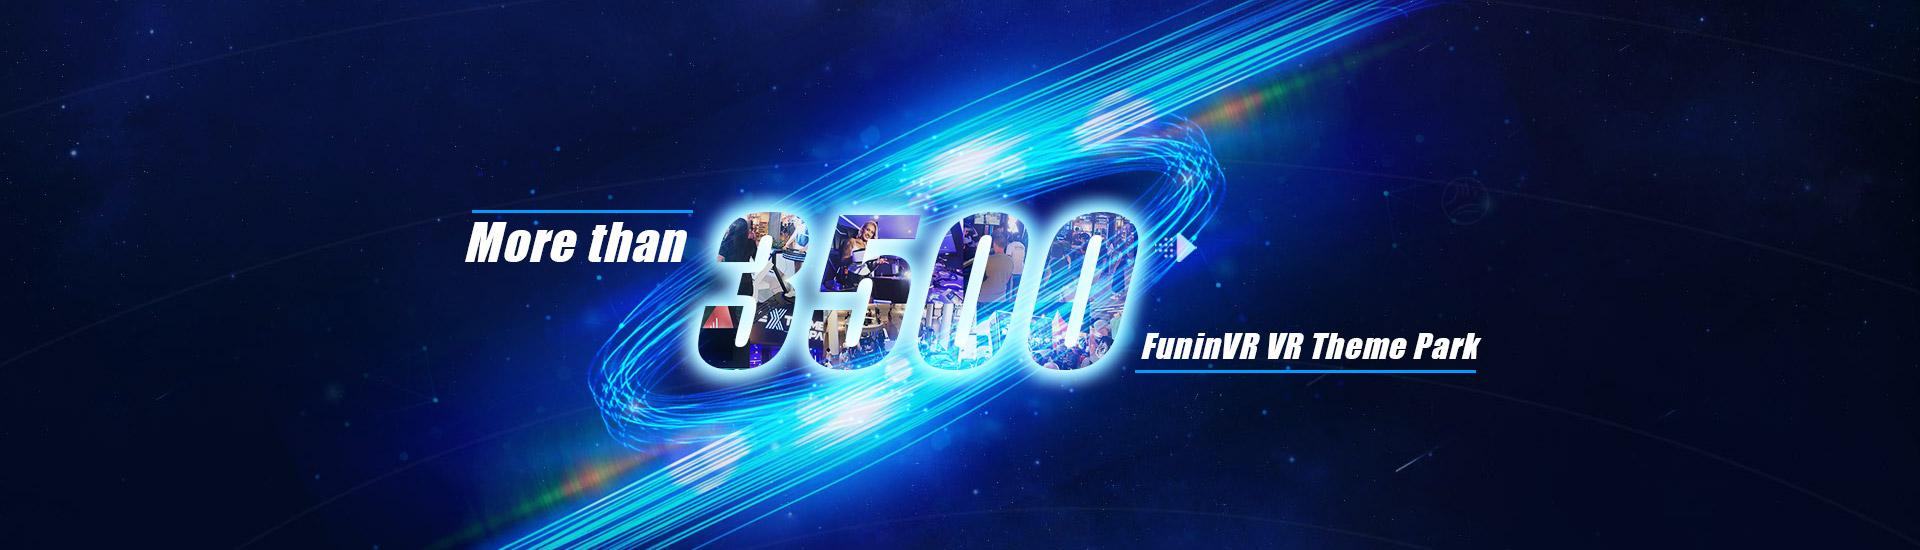 Cálidas felicitaciones por el éxito del agente de FuninVR Ahmed en El Cairo, Egipto